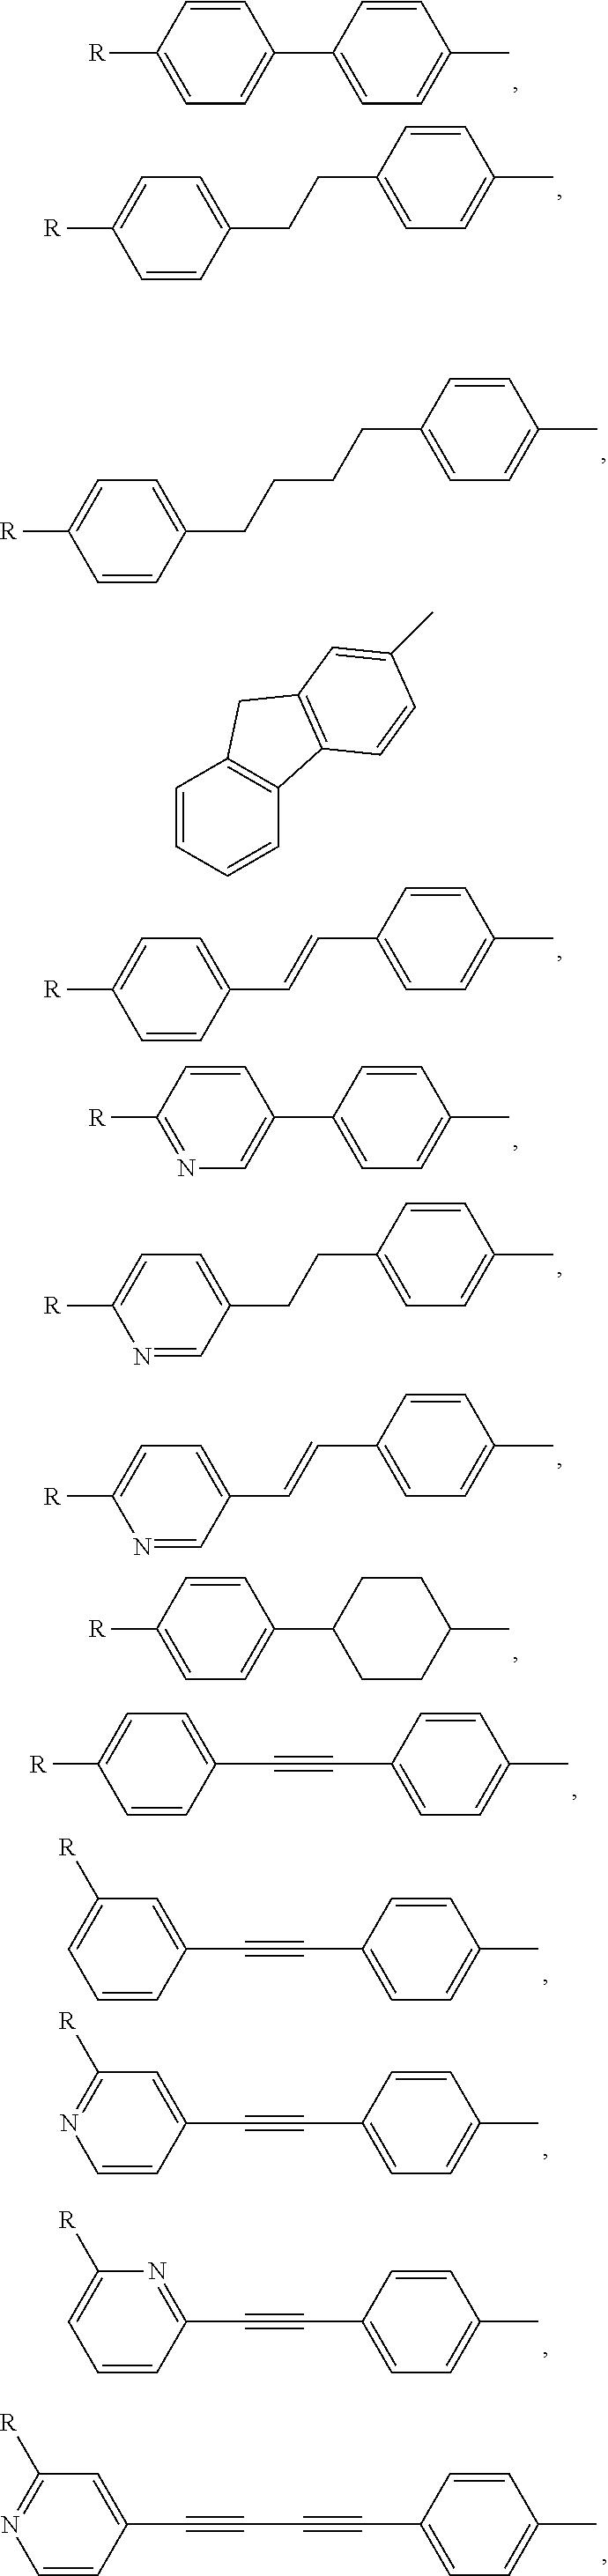 Figure US09617256-20170411-C00027